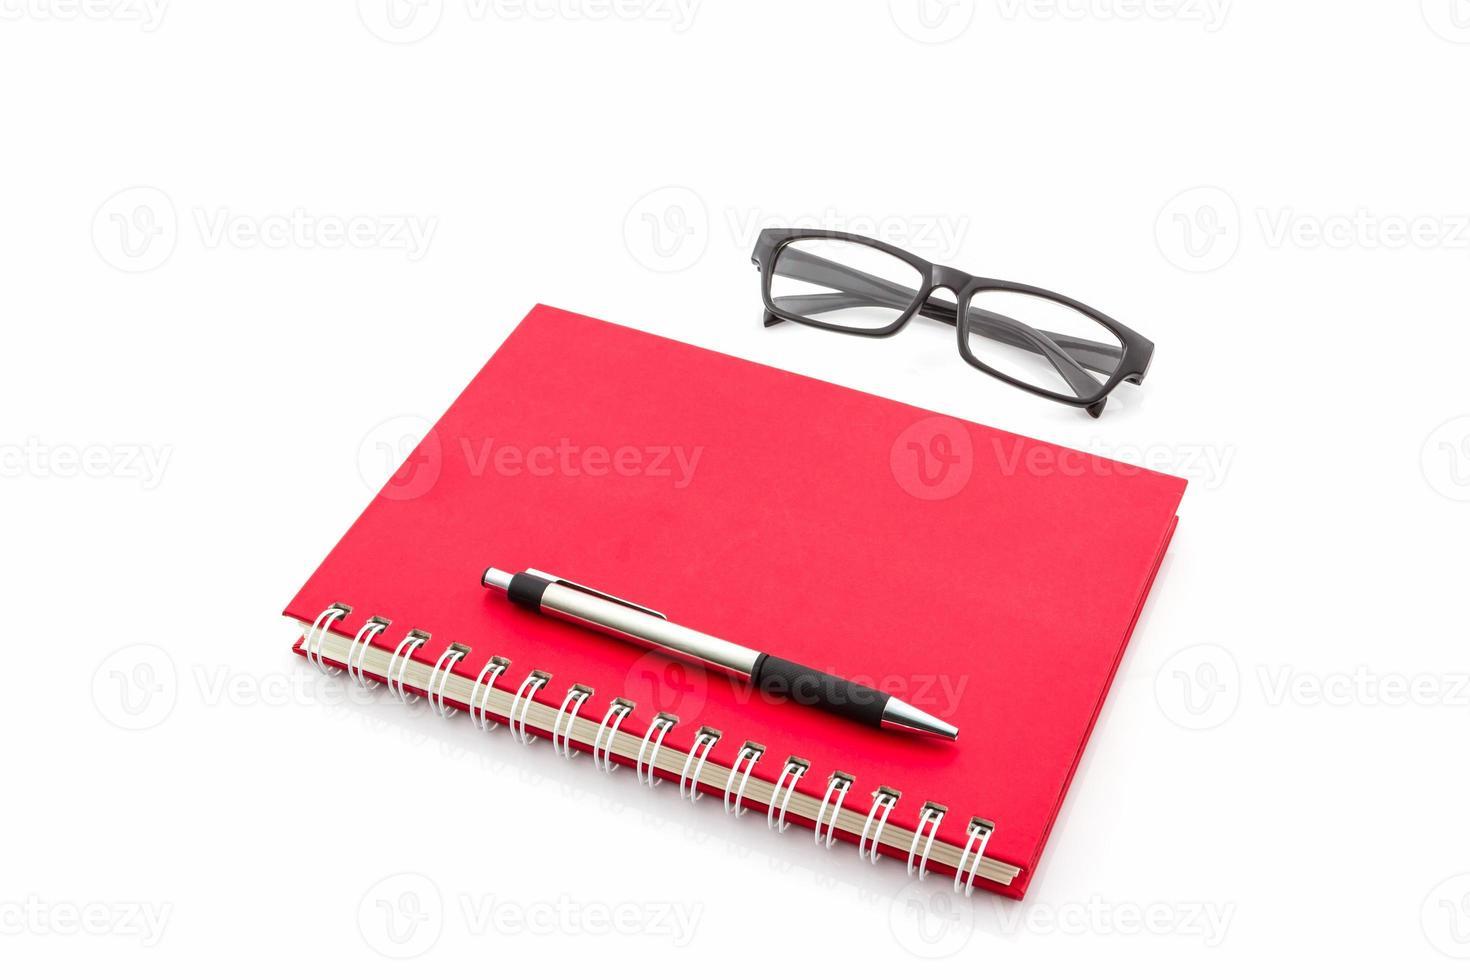 livre de journal rouge avec de vieilles lunettes et un stylo. photo